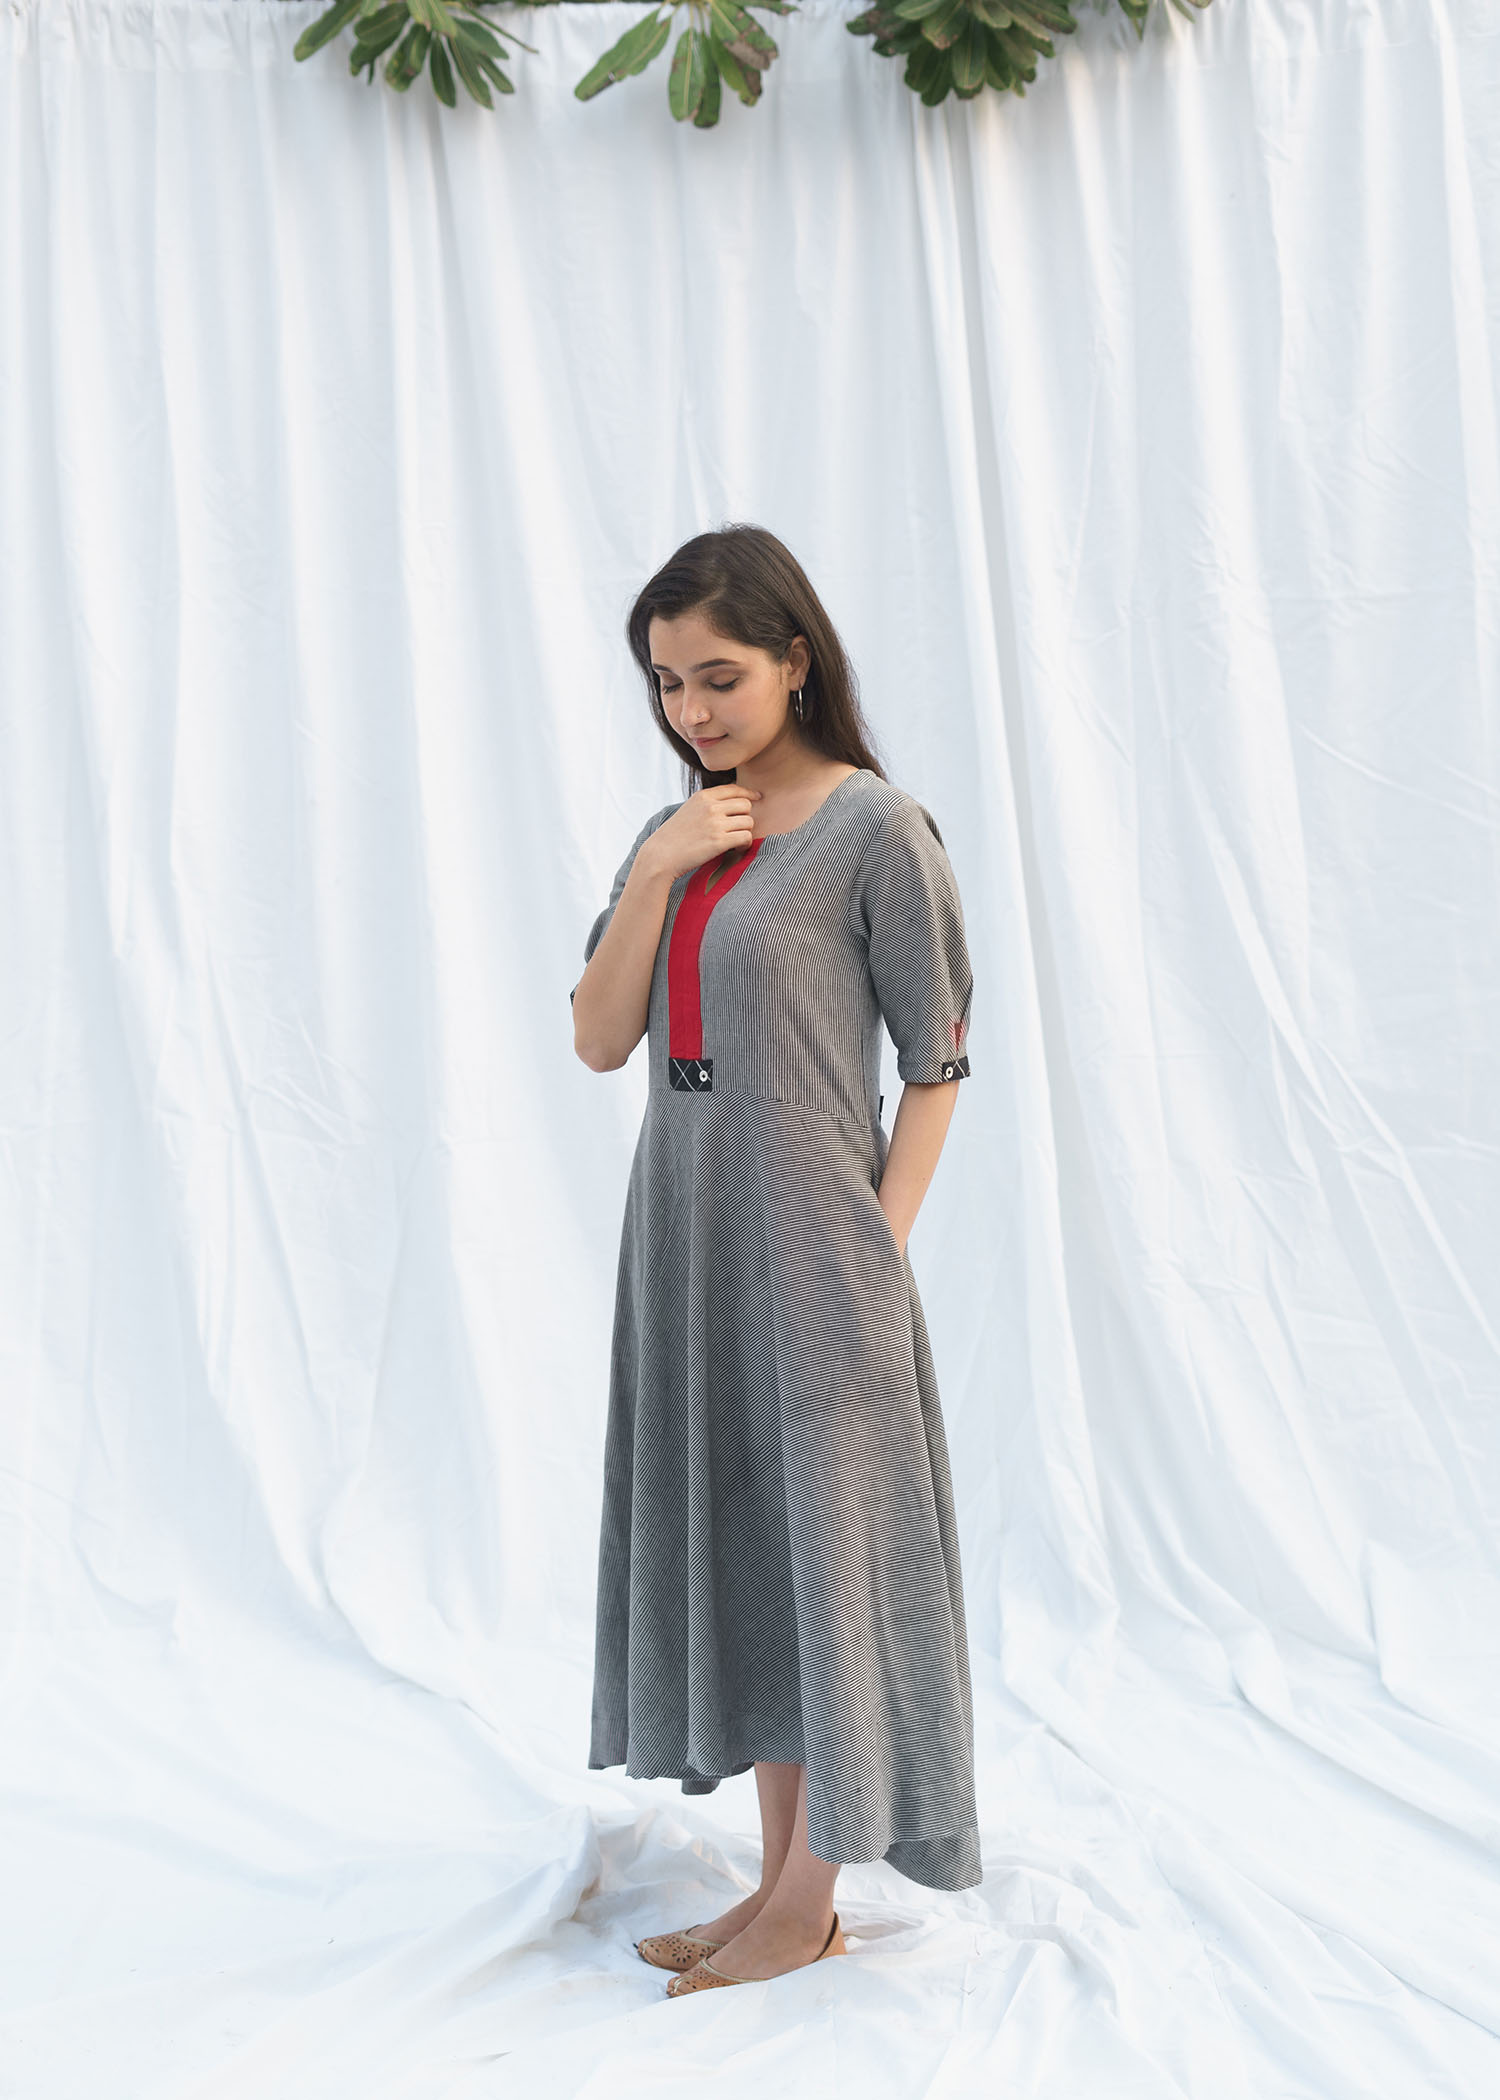 Black & White Pinstripe Handwoven Cotton Asymmetrical Dress